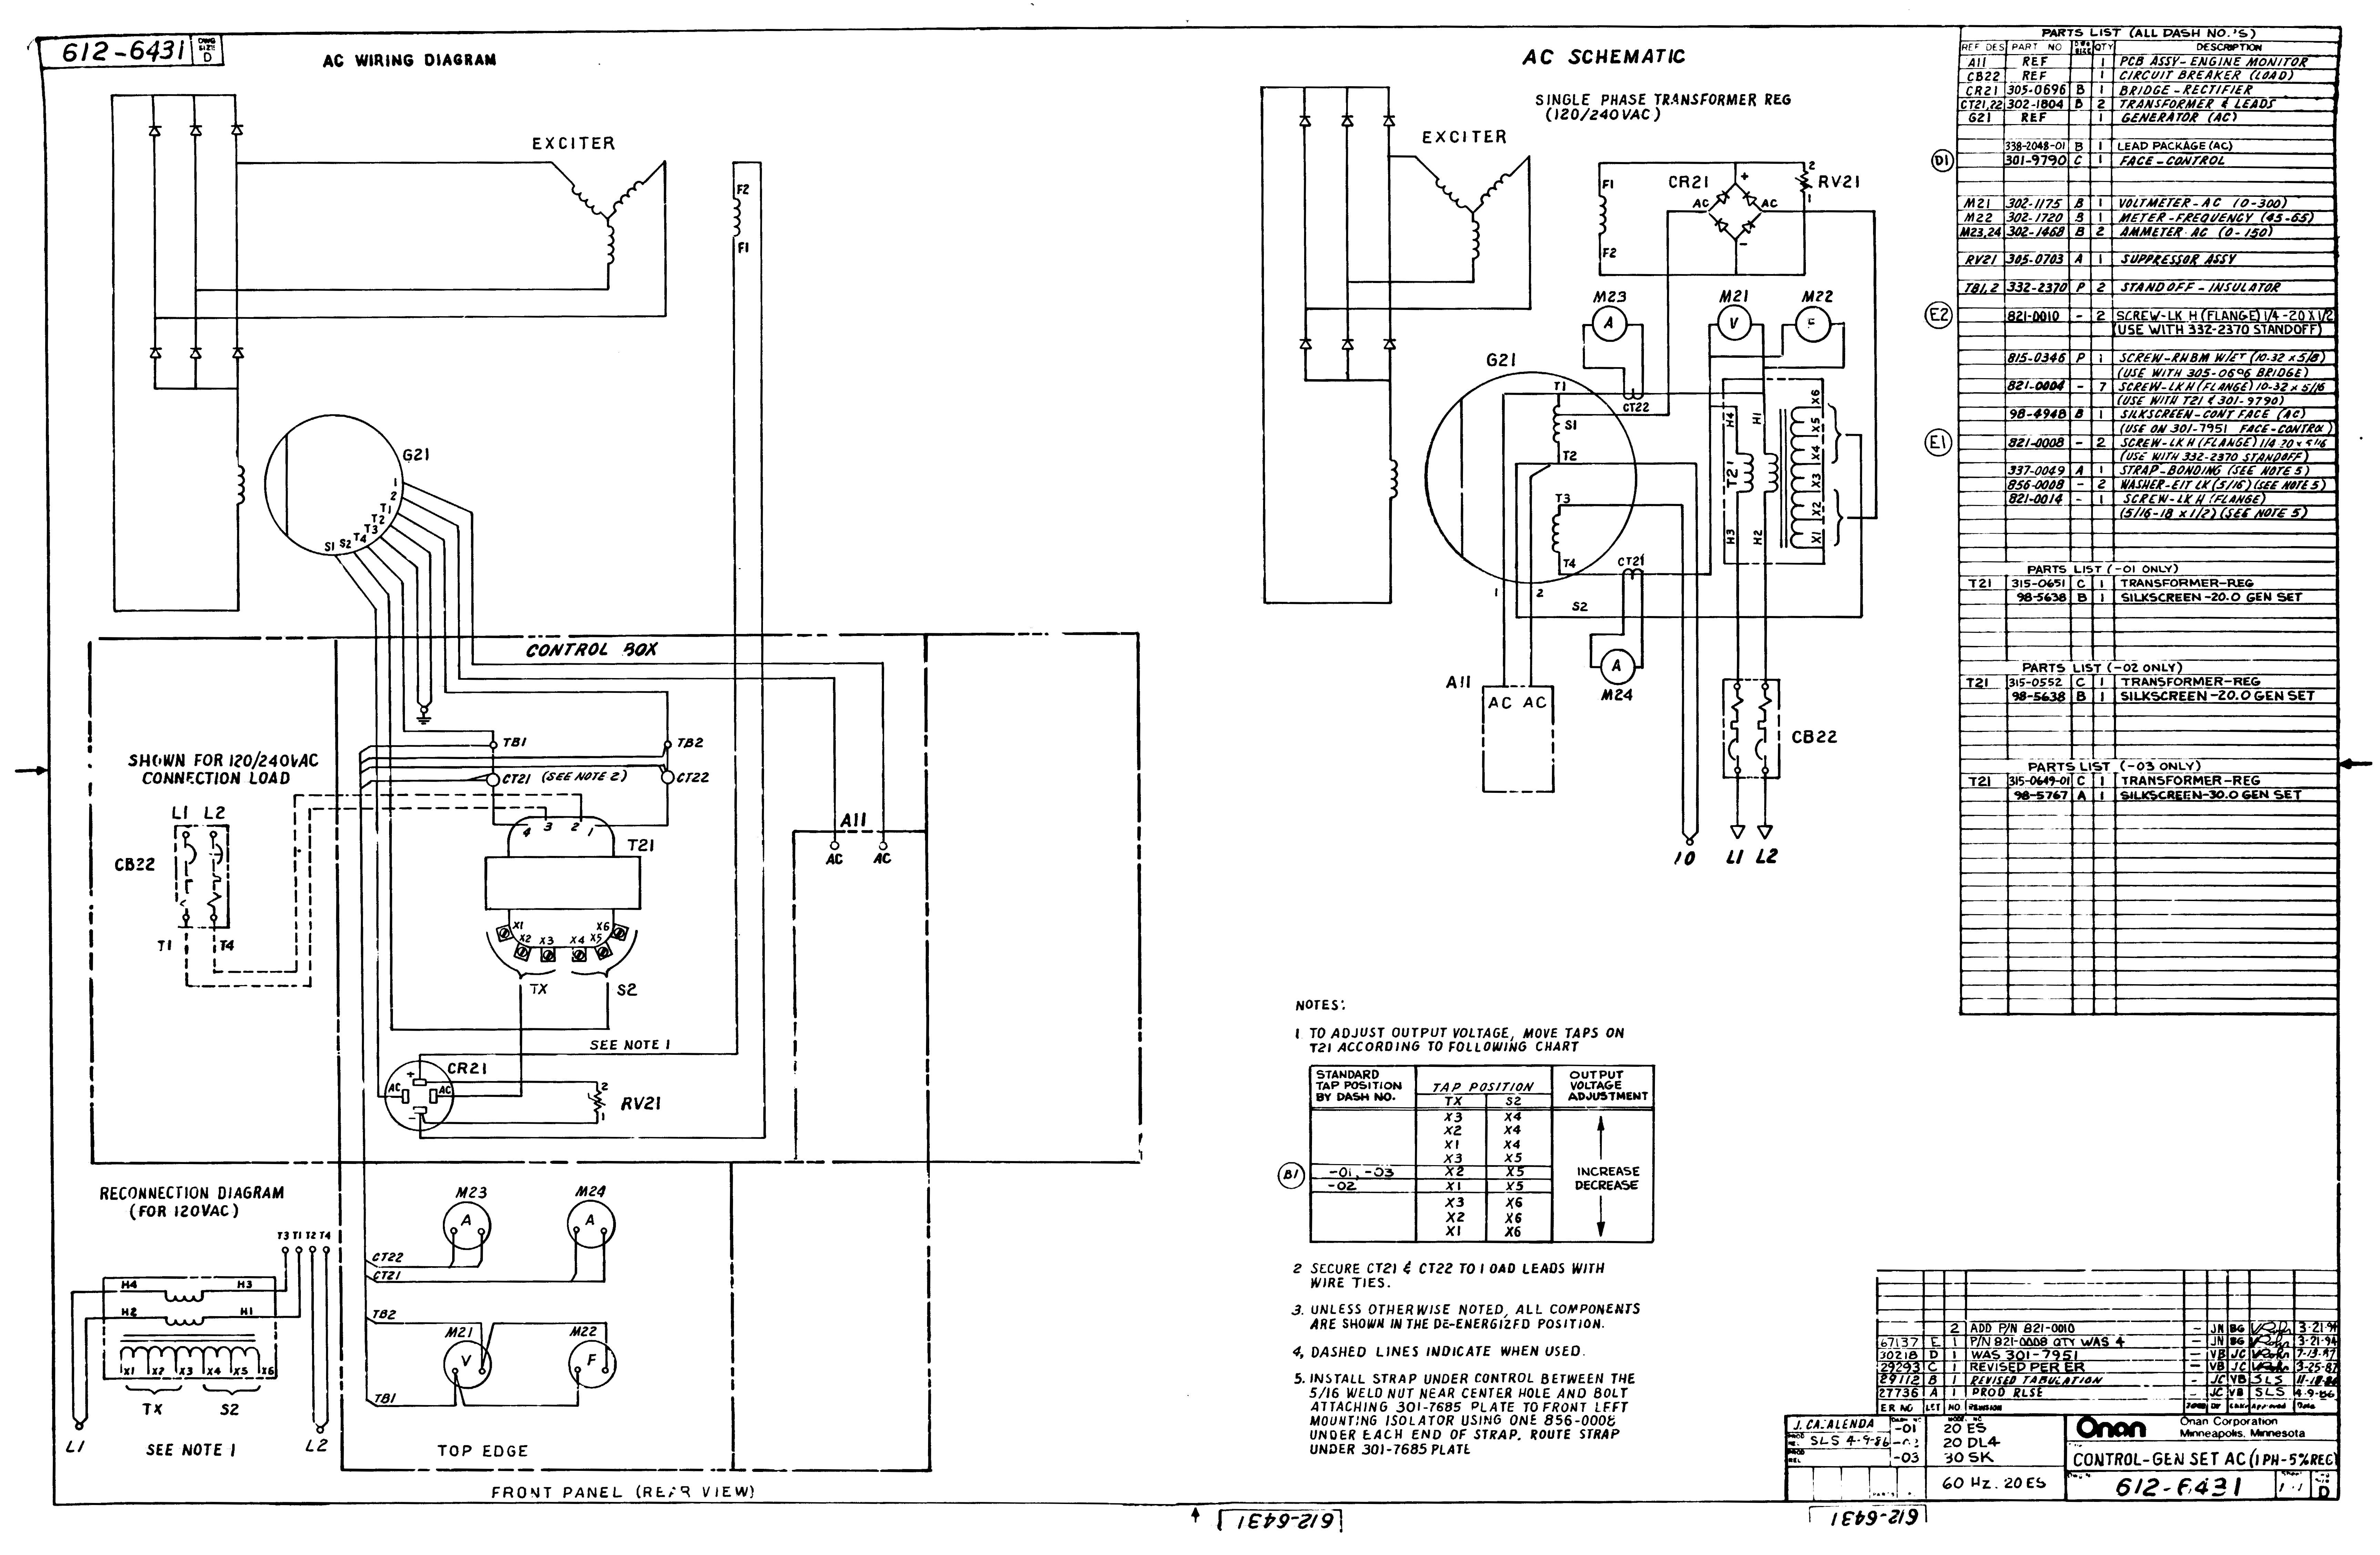 onan 4500mercial generator wiring diagram